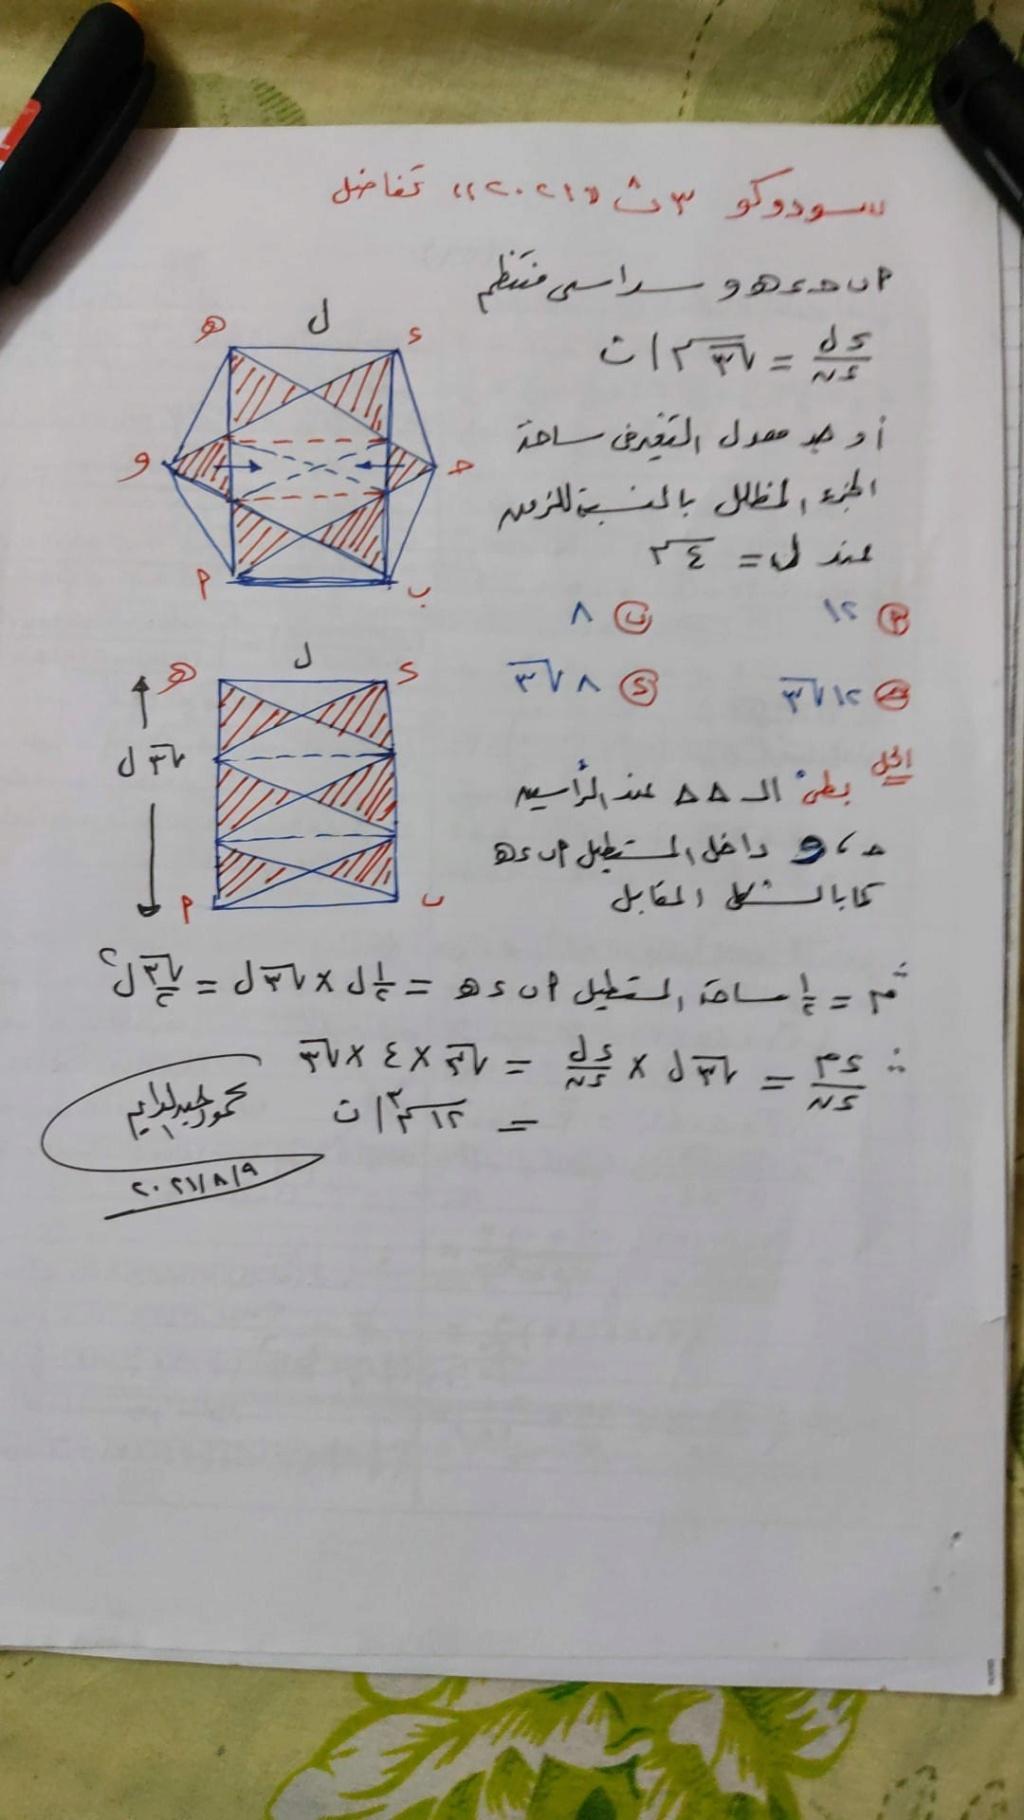 تمرين في امتحان تفاضل 3 ثانوي  وحل مختلف بطريقة السودوكو  13877